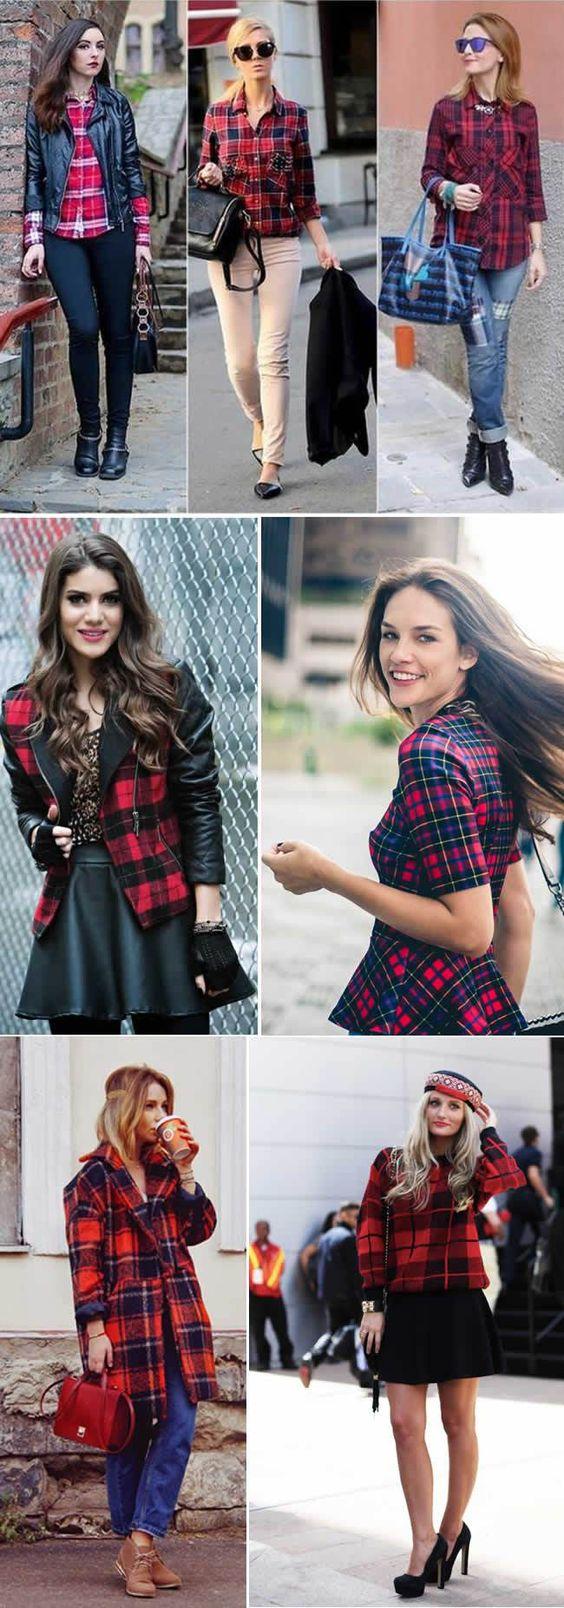 O xadrez vermelho é uma das principais tendências de moda feminina para este inverno, e o xadrez tartan é a maior aposta de padronagem que se destacará nesta temporada. Então Aposte!